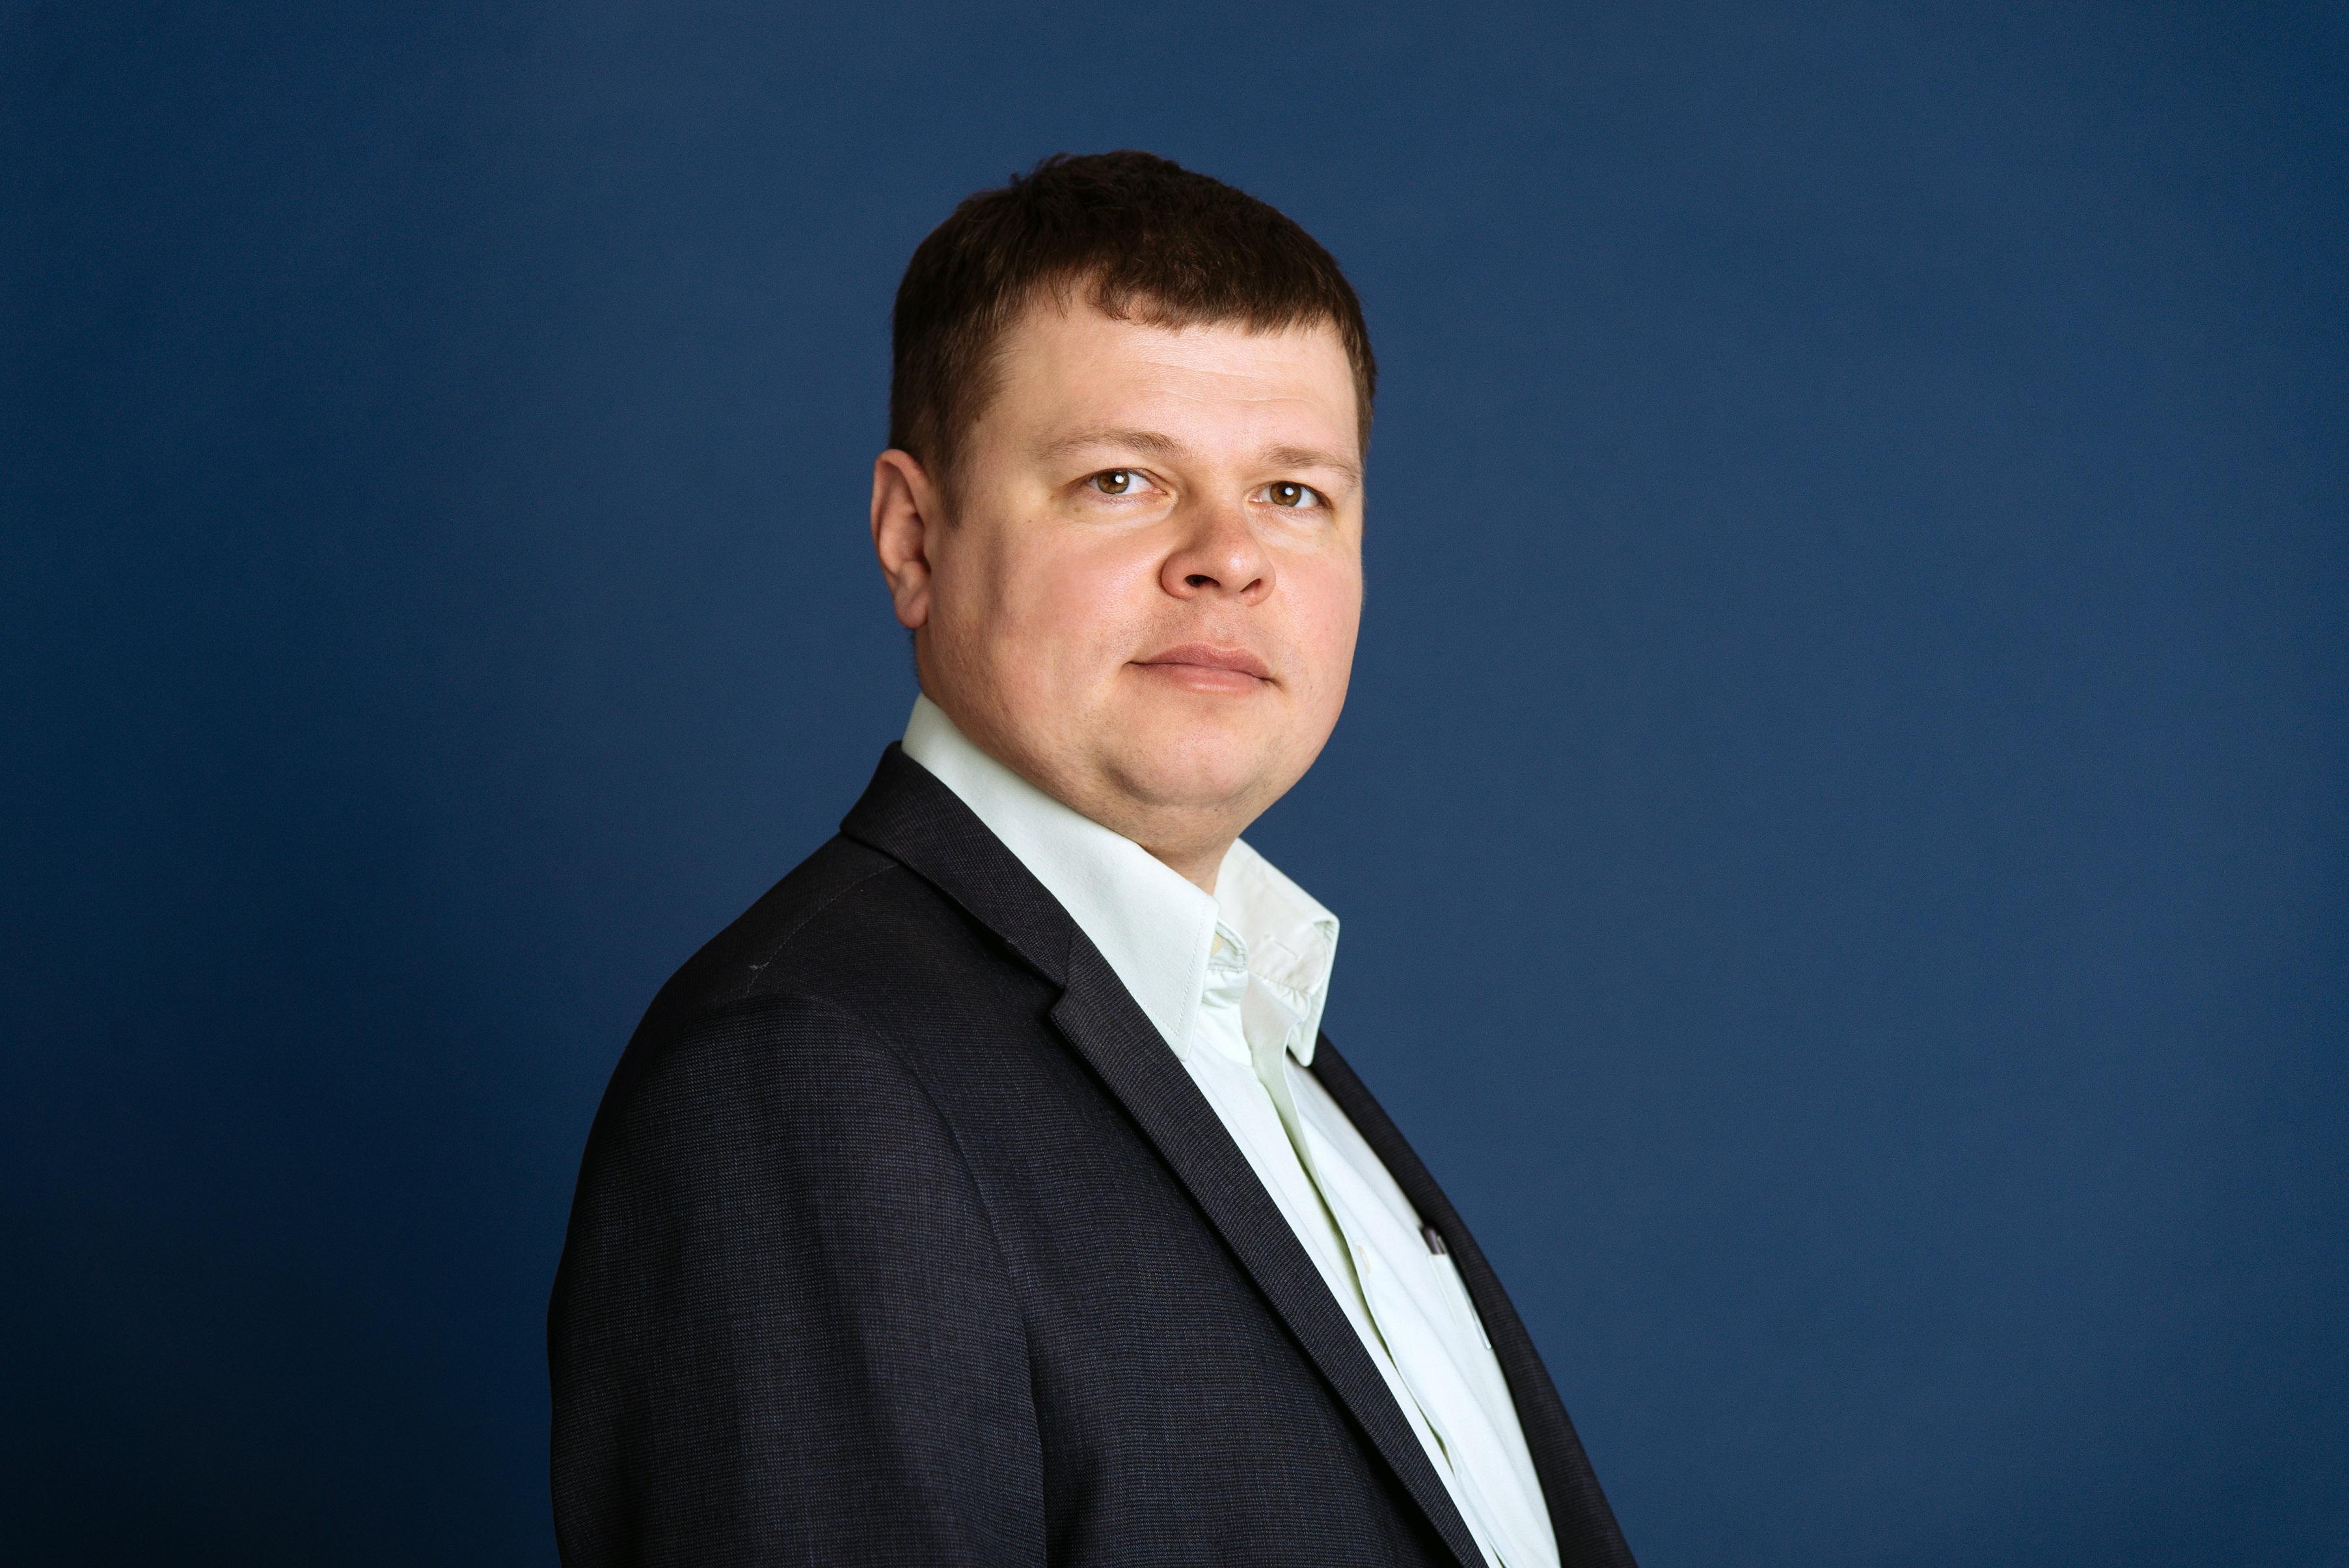 Блинов Антон Сергеевич : автоюрист, руководитель Сектора автоправа